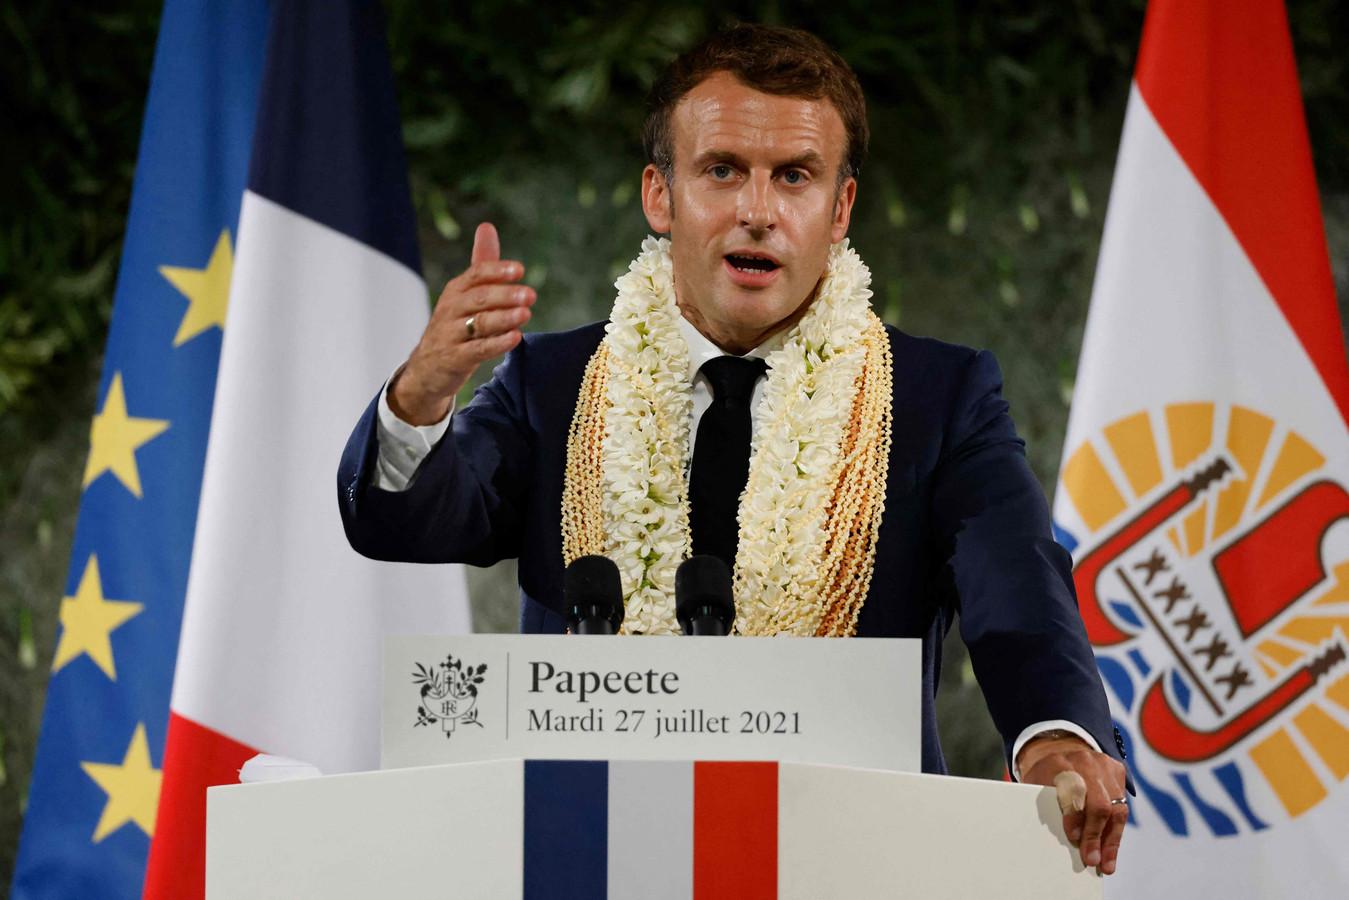 """""""J'assume et je veux la vérité et la transparence avec vous"""", a déclaré Emmanuel Macron dans un discours devant les responsables polynésiens, en affirmant que les victimes de ces essais devaient être mieux indemnisées."""